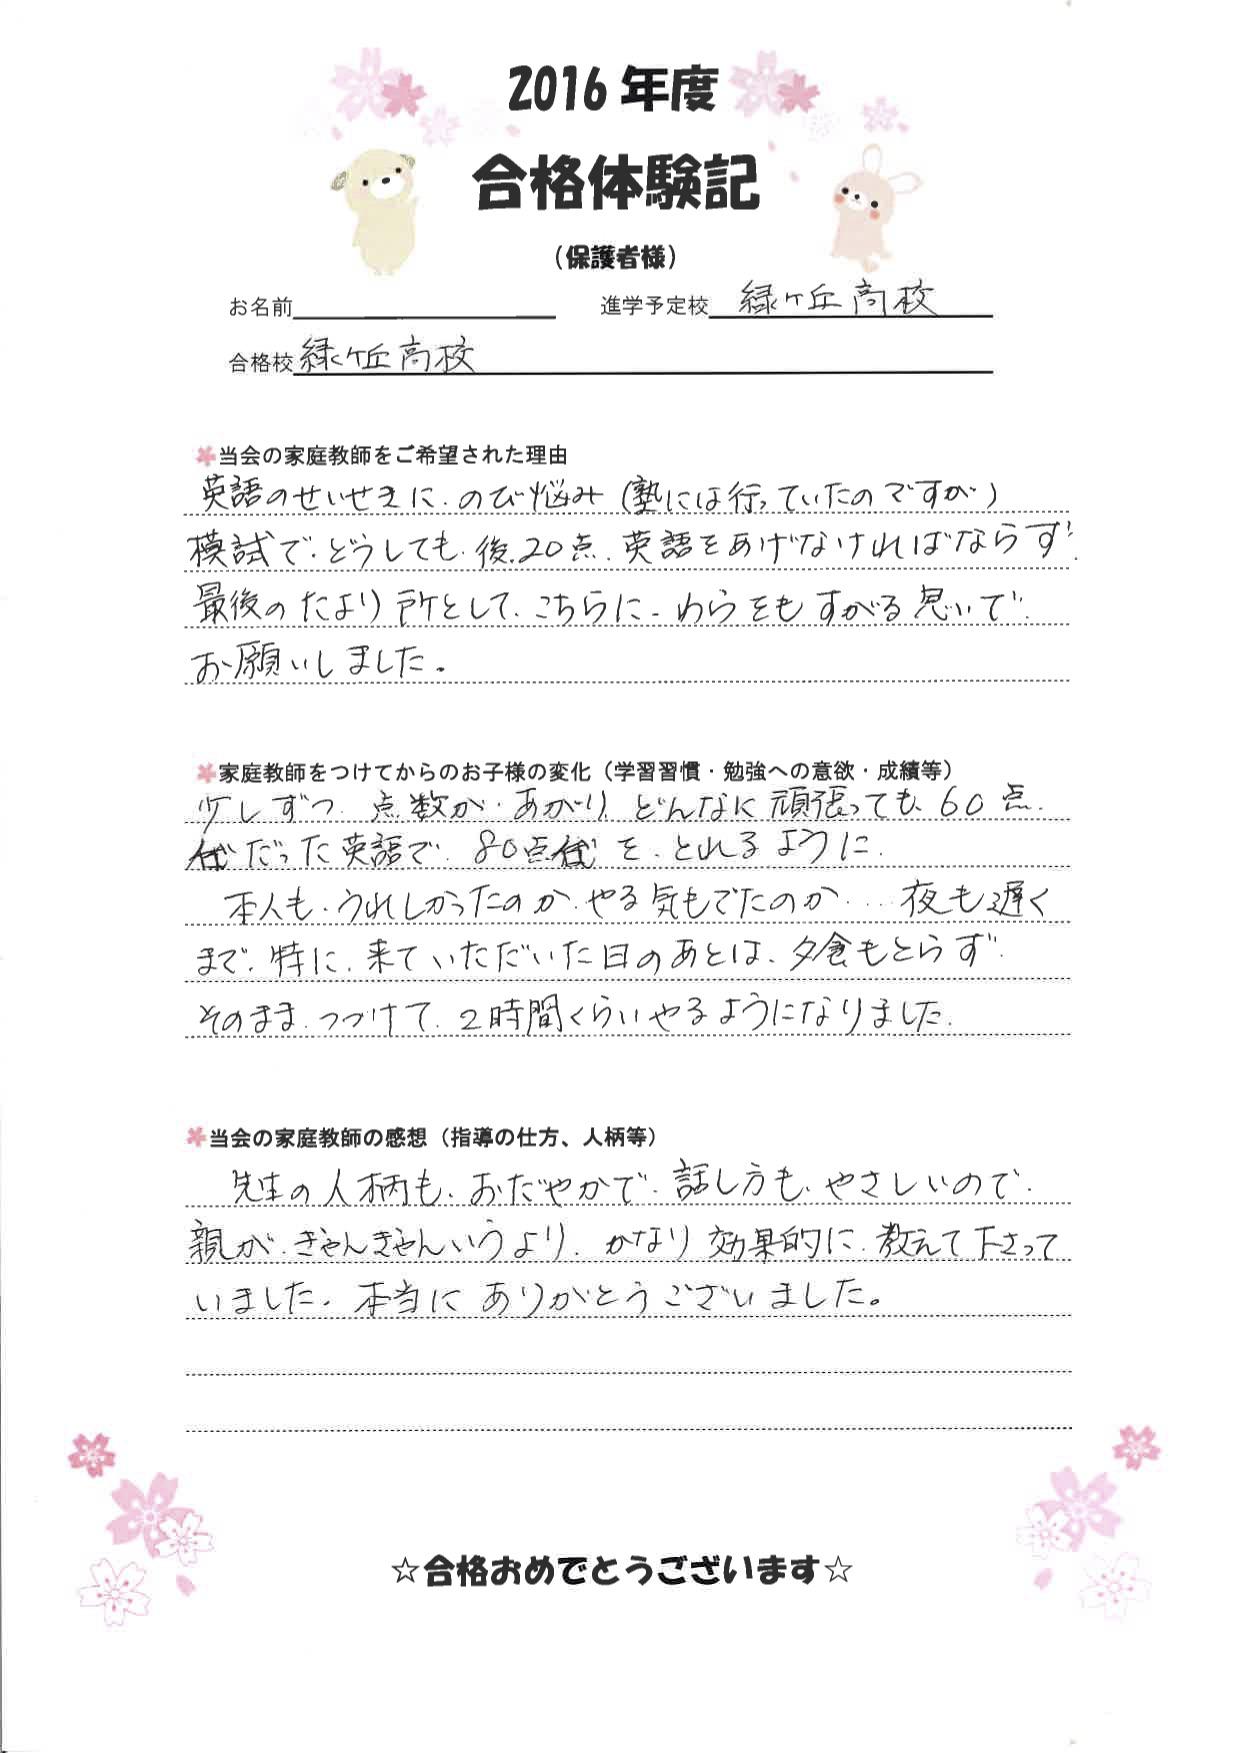 【加工済み】合格体験記15